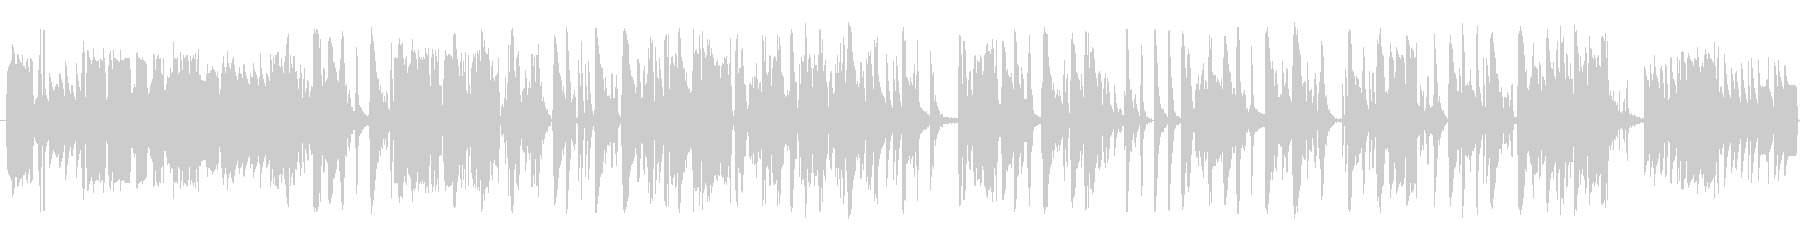 信号コードSci Fiバンパーの未再生の波形